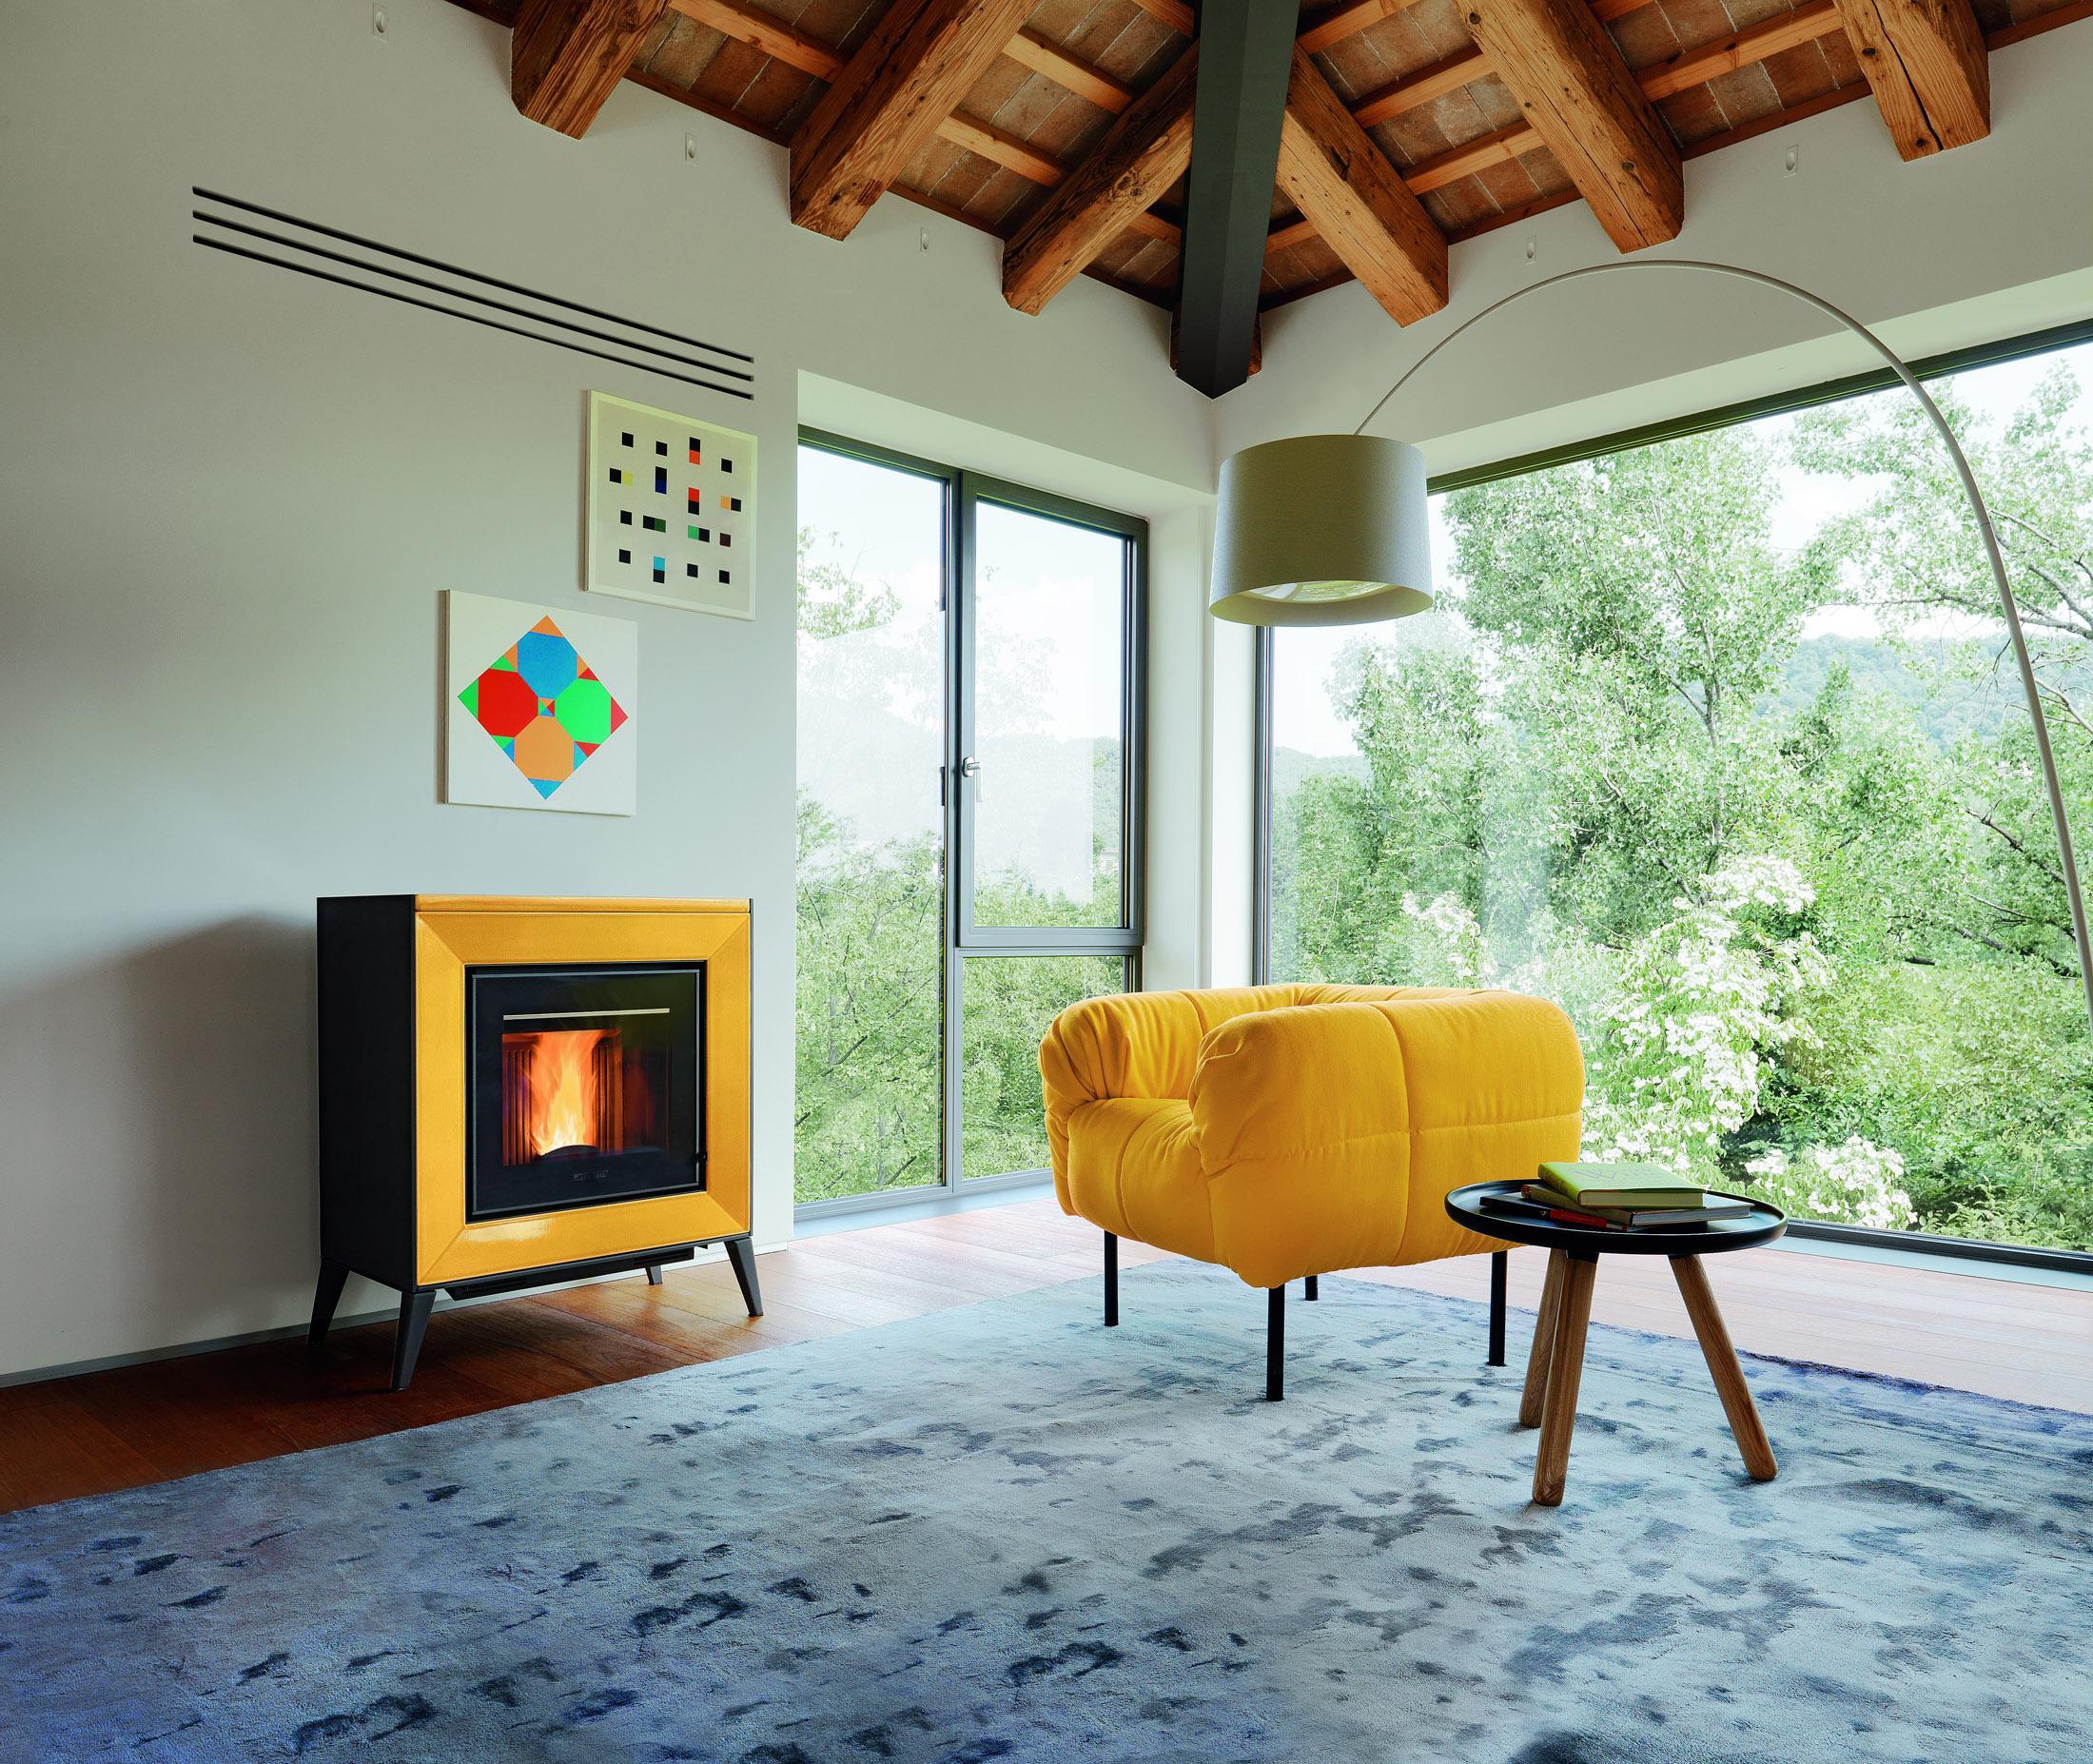 Wohnzimmer Kamin Bilder Ideen Couch